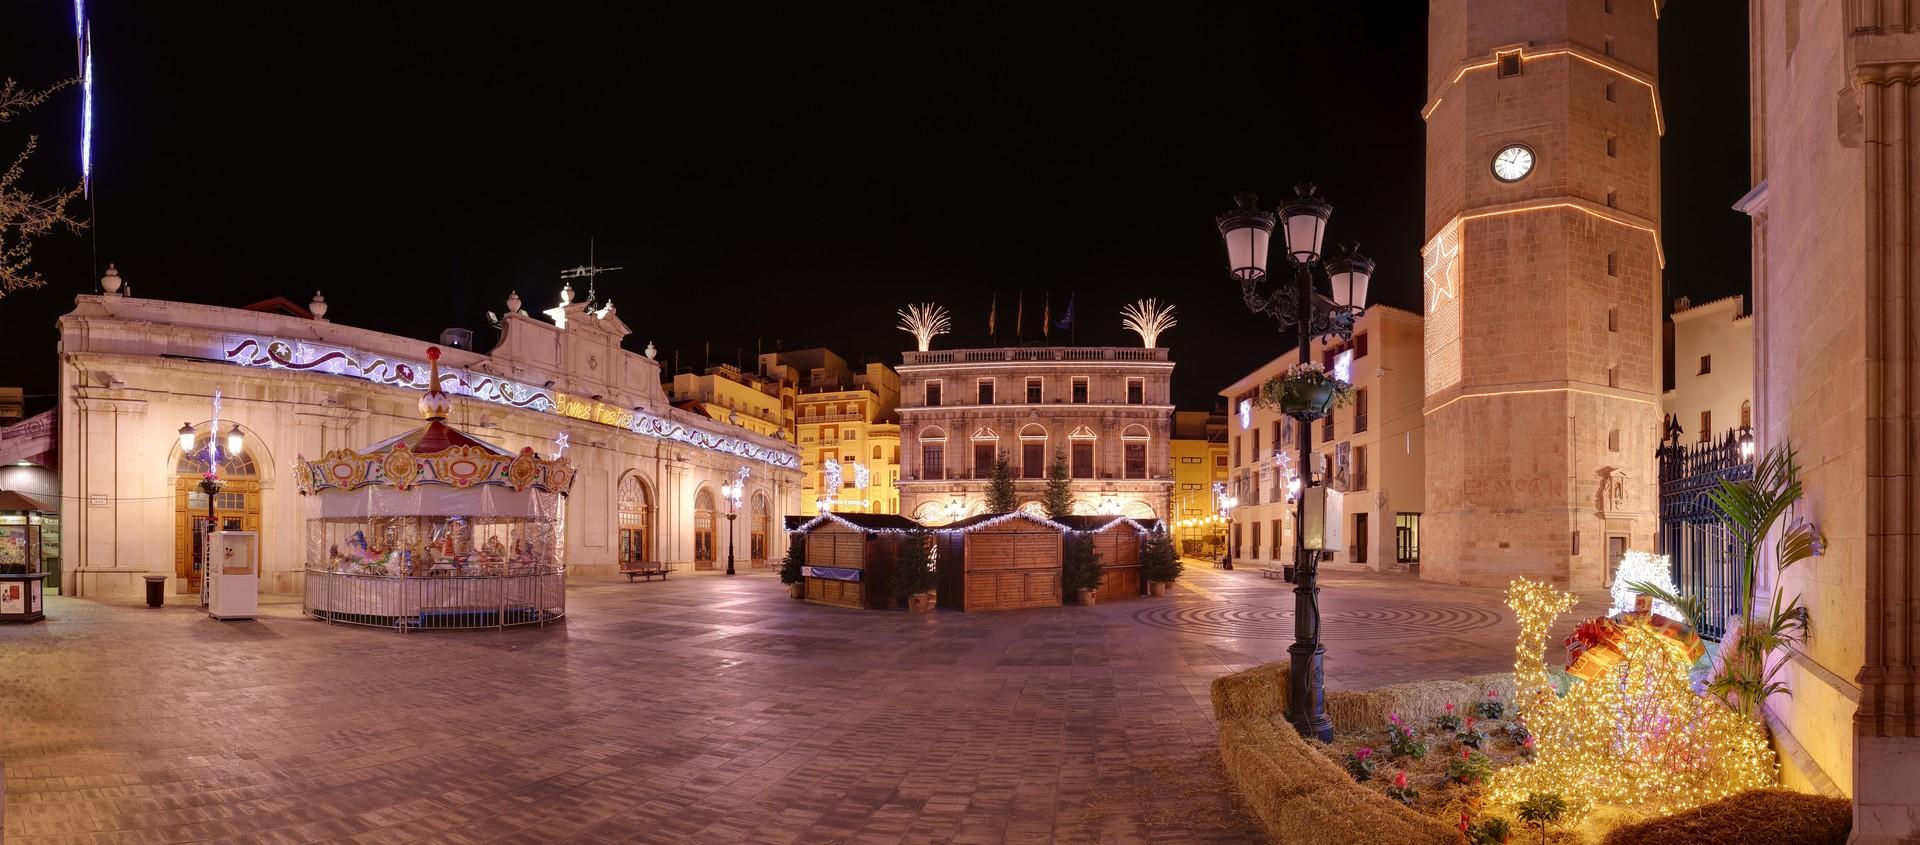 Erasmus experience in castell n de la plana spain by stefano erasmus experience castell n de - Muebles en castellon dela plana ...